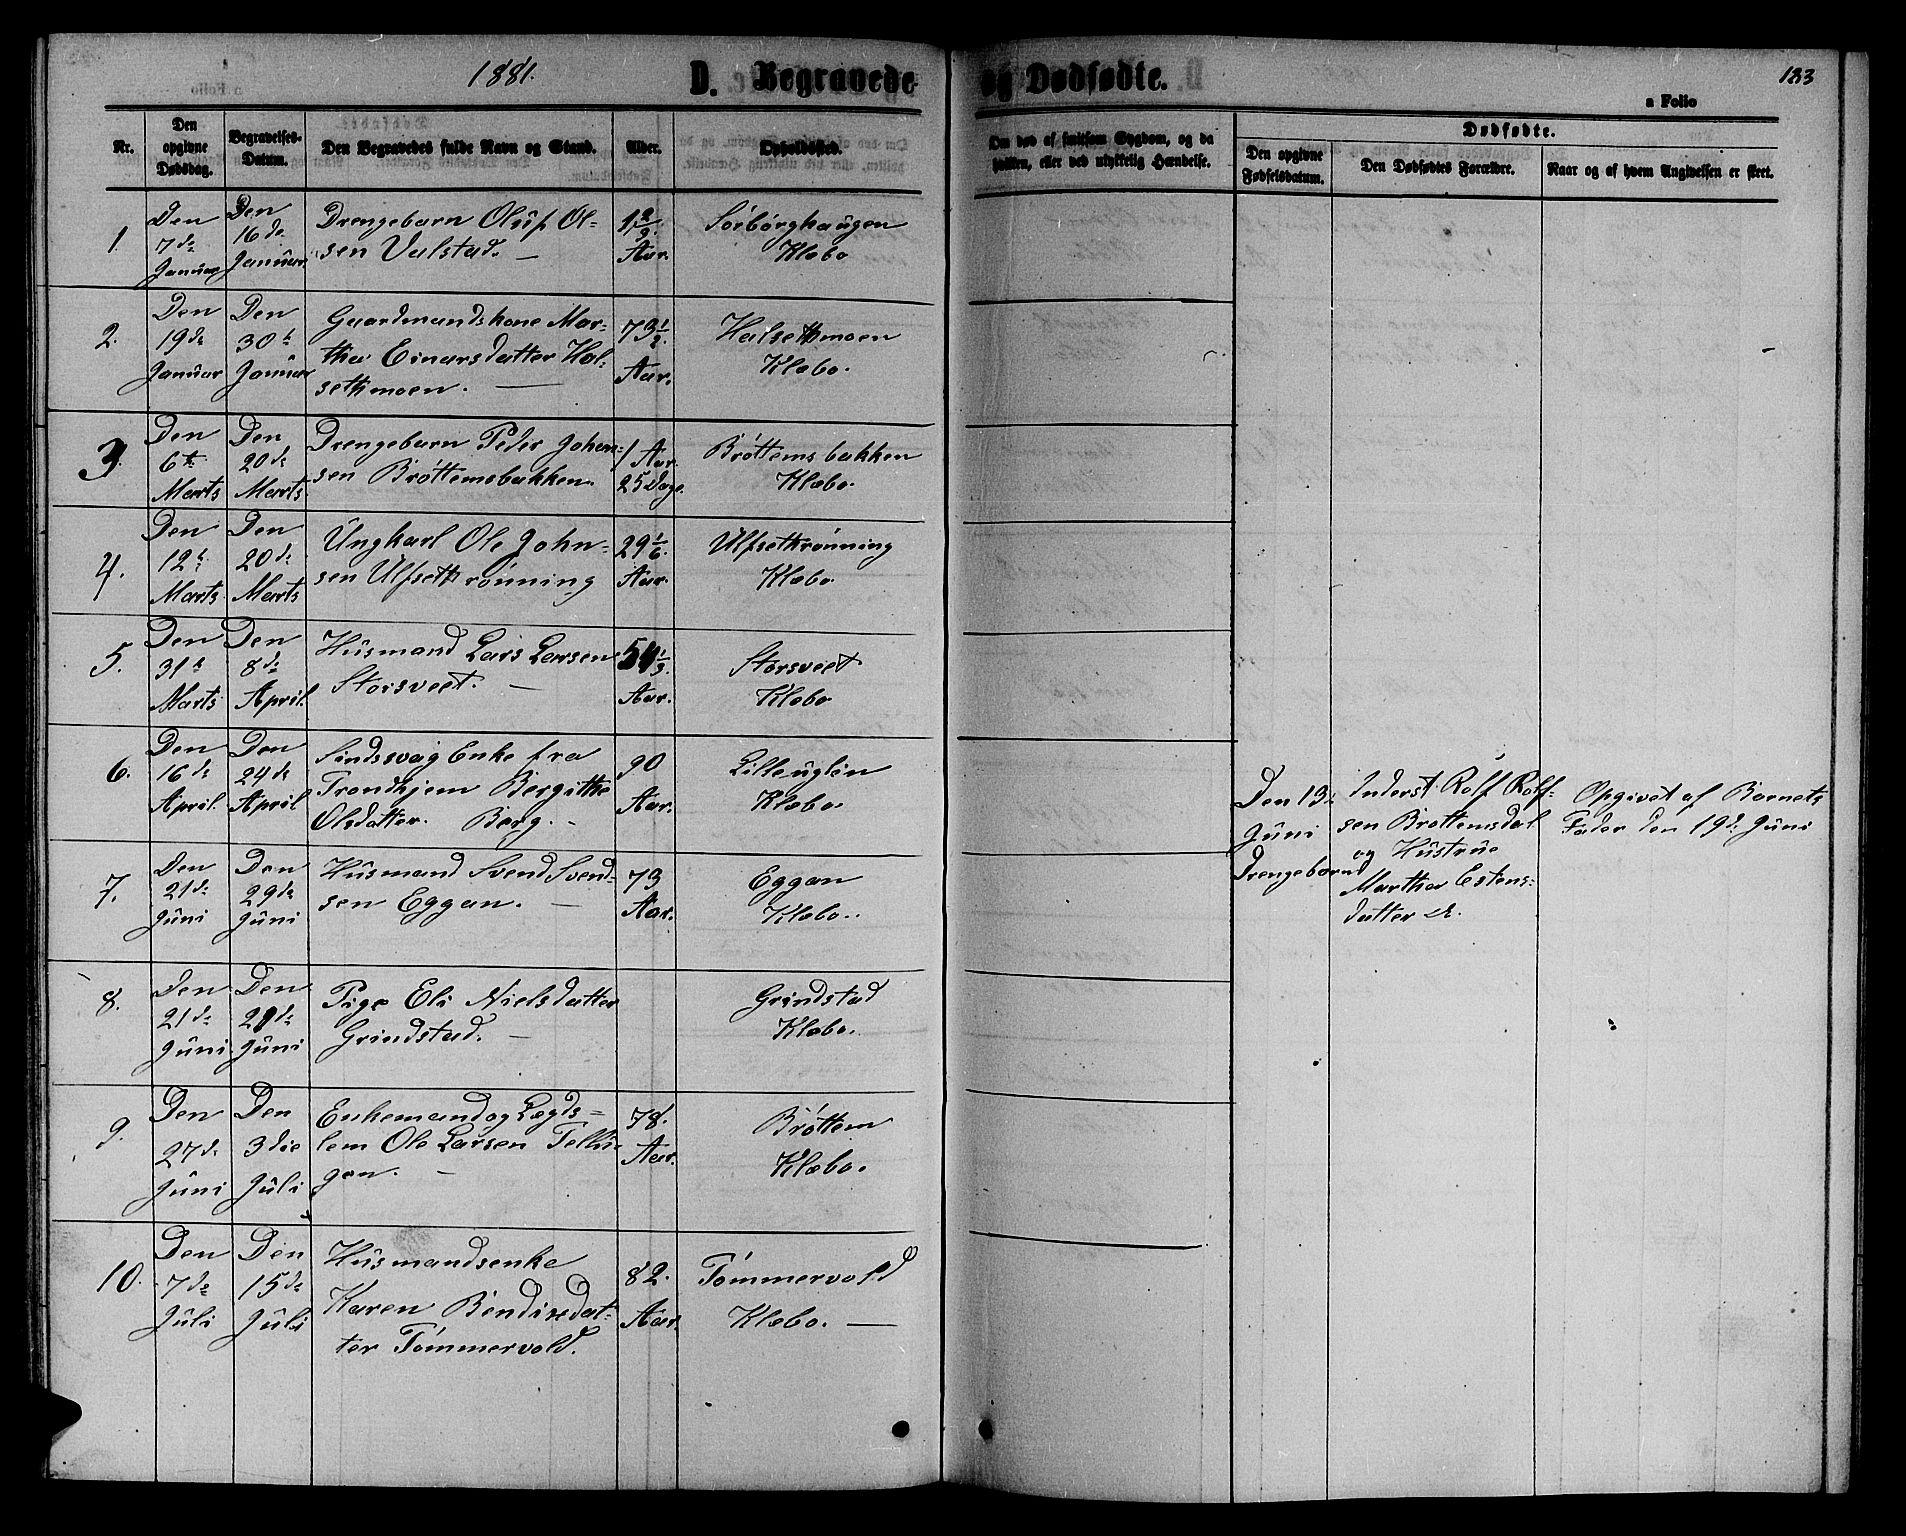 SAT, Ministerialprotokoller, klokkerbøker og fødselsregistre - Sør-Trøndelag, 618/L0451: Klokkerbok nr. 618C02, 1865-1883, s. 183